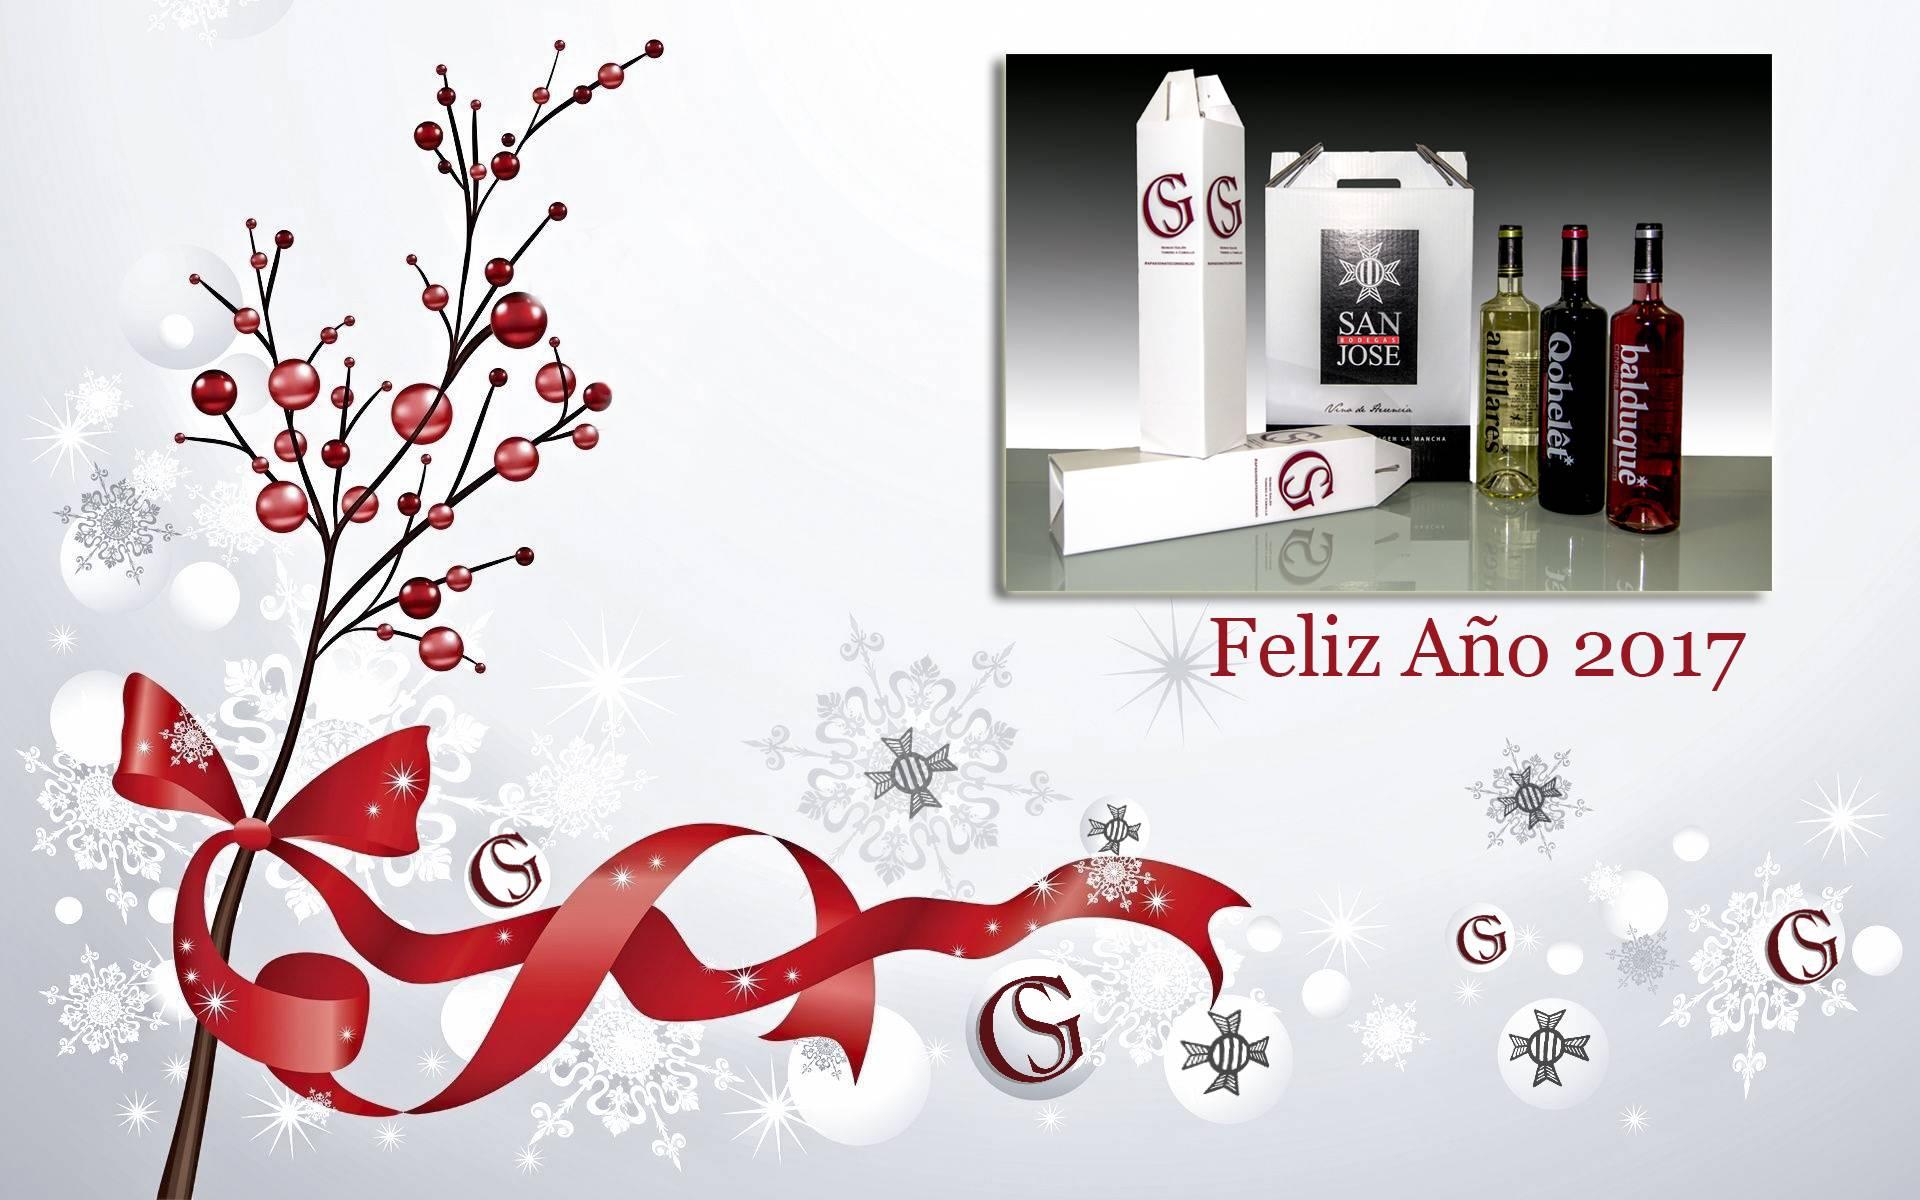 Sergio Galán brindará el fin del año con los vinos de la bodega San José